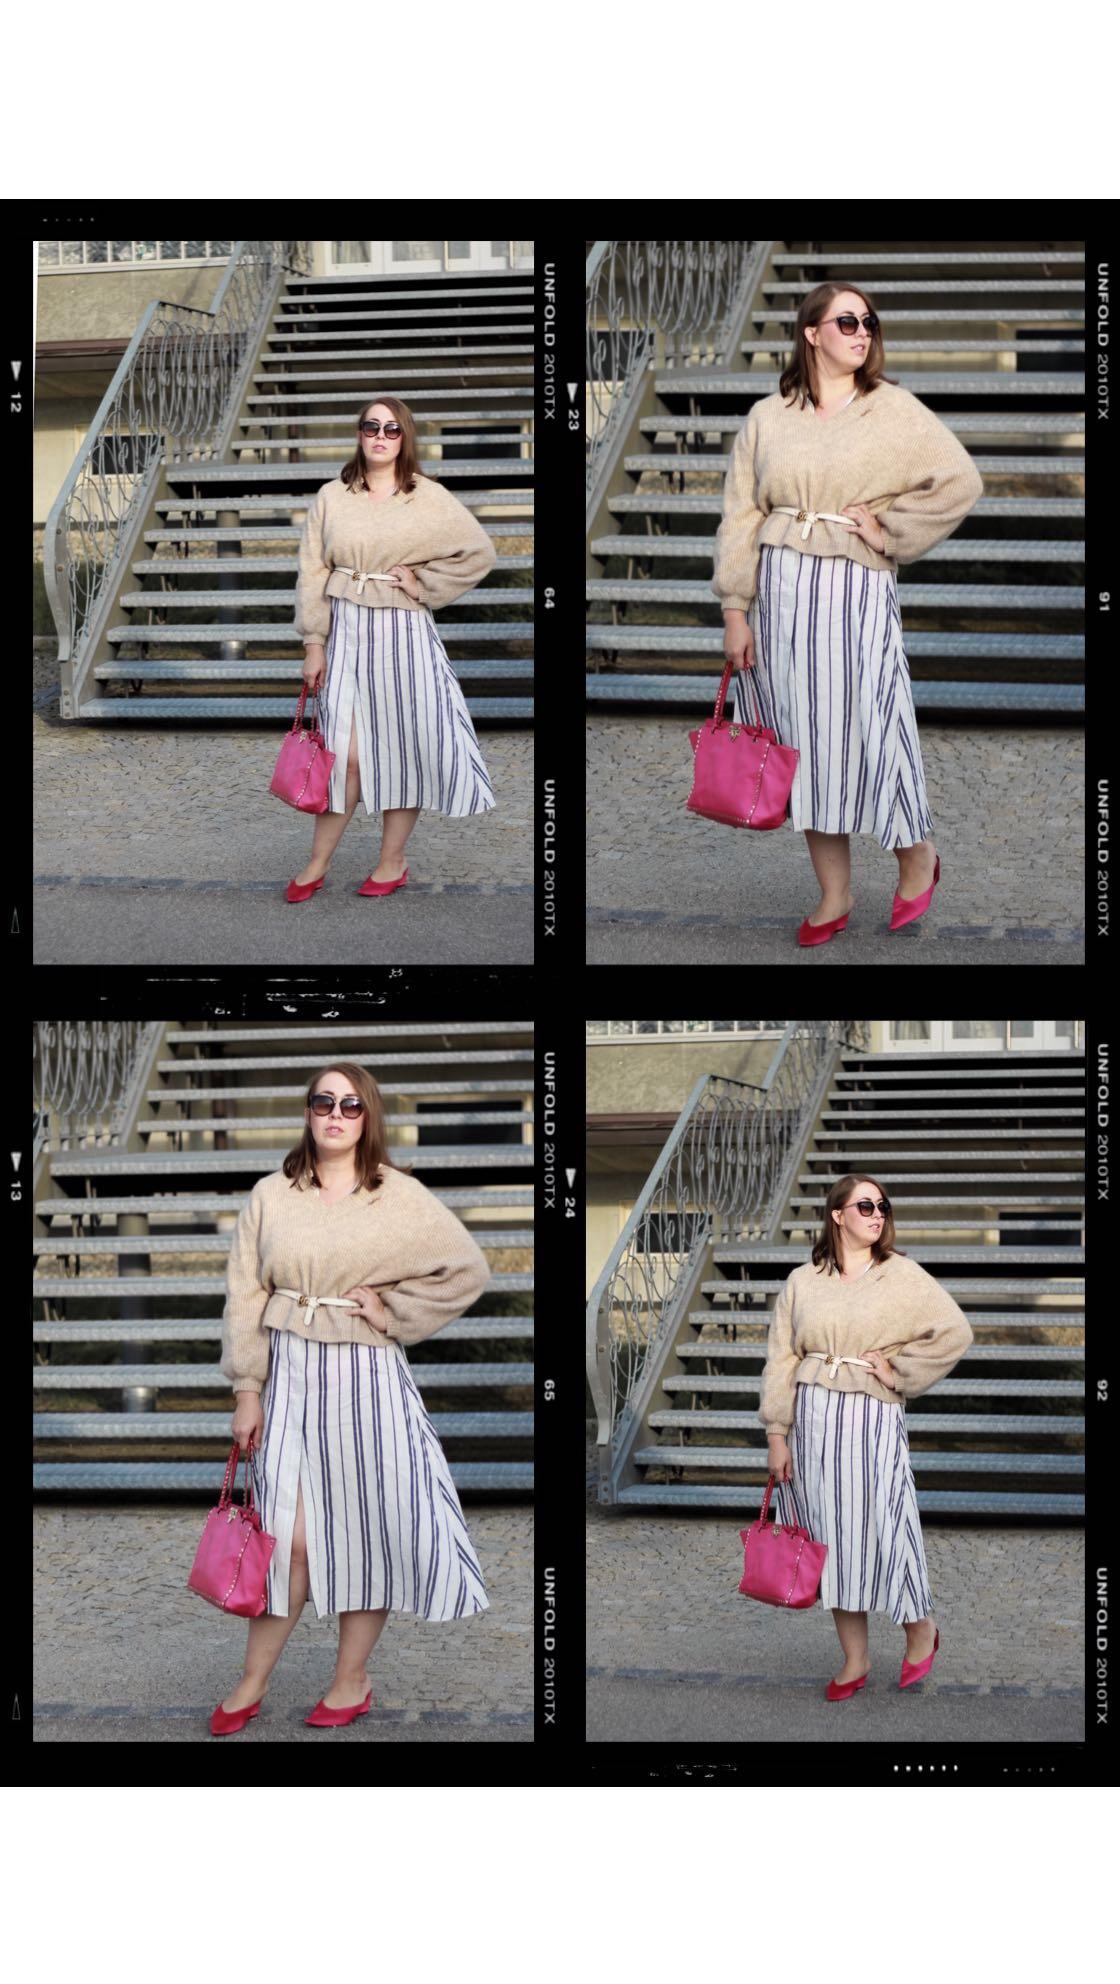 Midikleid-im-Herbst-kombinieren-Miss-Suzie-Loves-Susanne-Heidebach-Kleid-kombinieren-Outfit-Inspiration-Valentino-Shopper-Vite-Envogue-Fashionblogger-Deutschland.